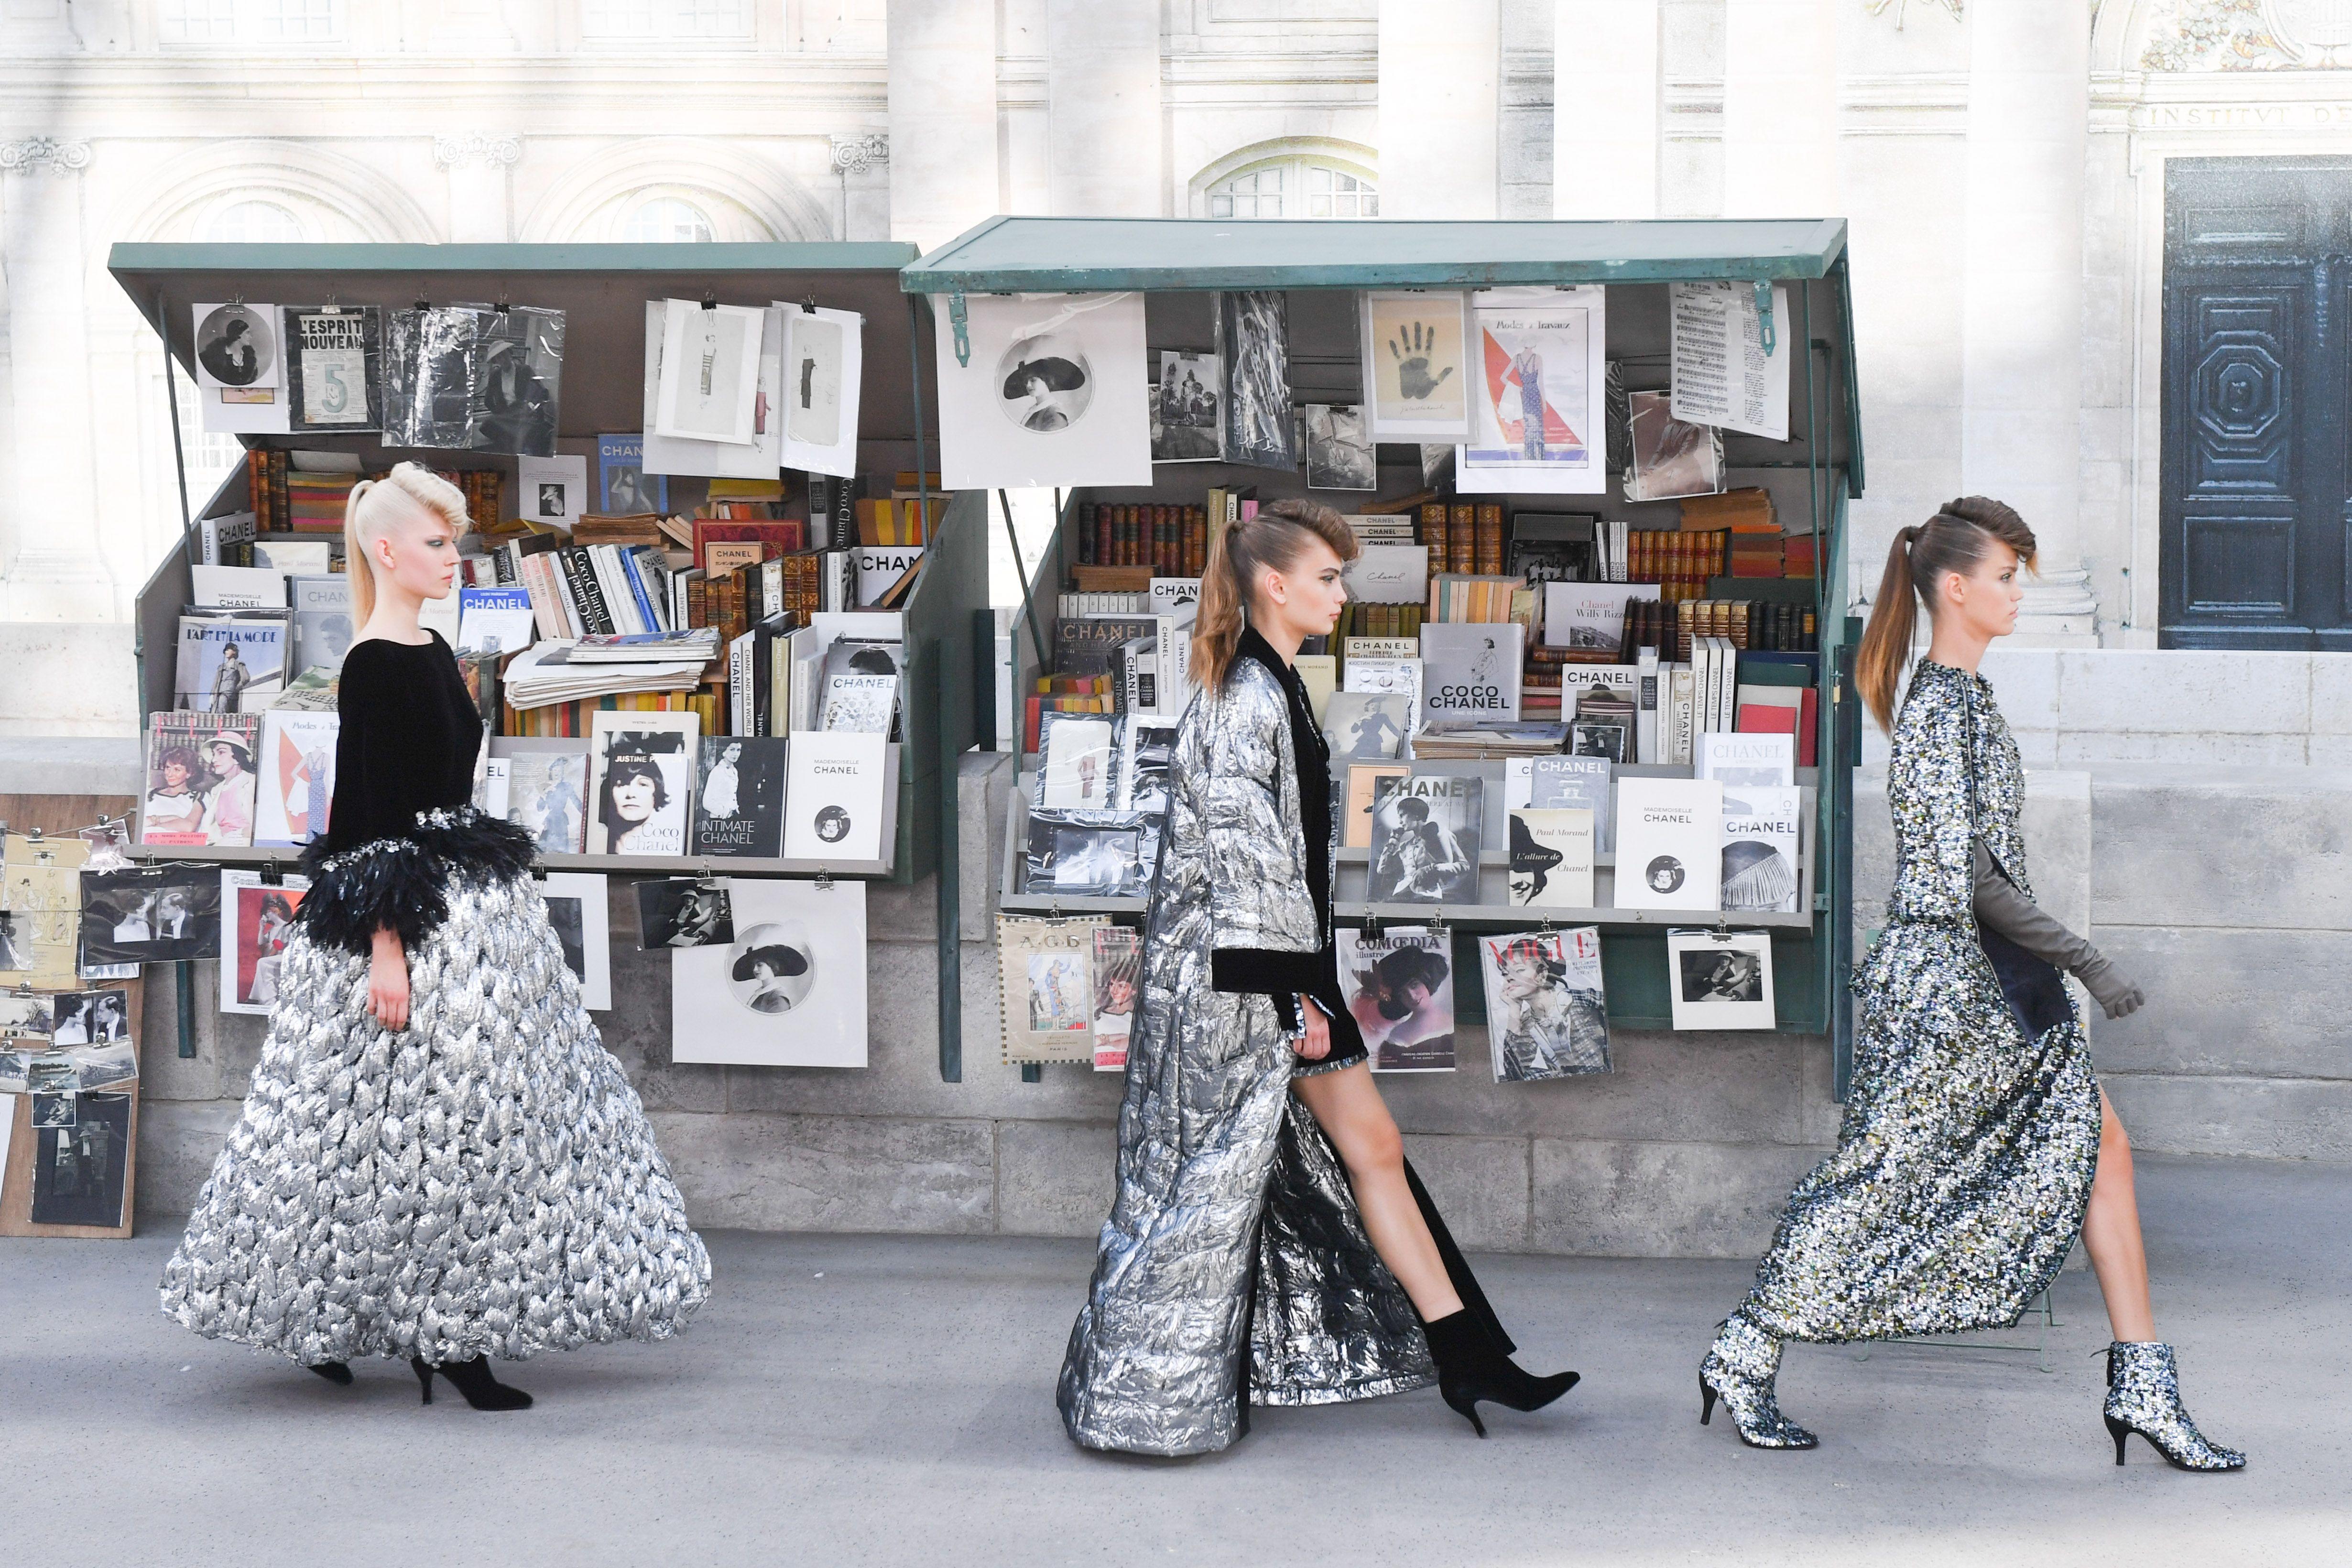 香奈兒,高級訂製服,時裝秀,巴黎大皇宮